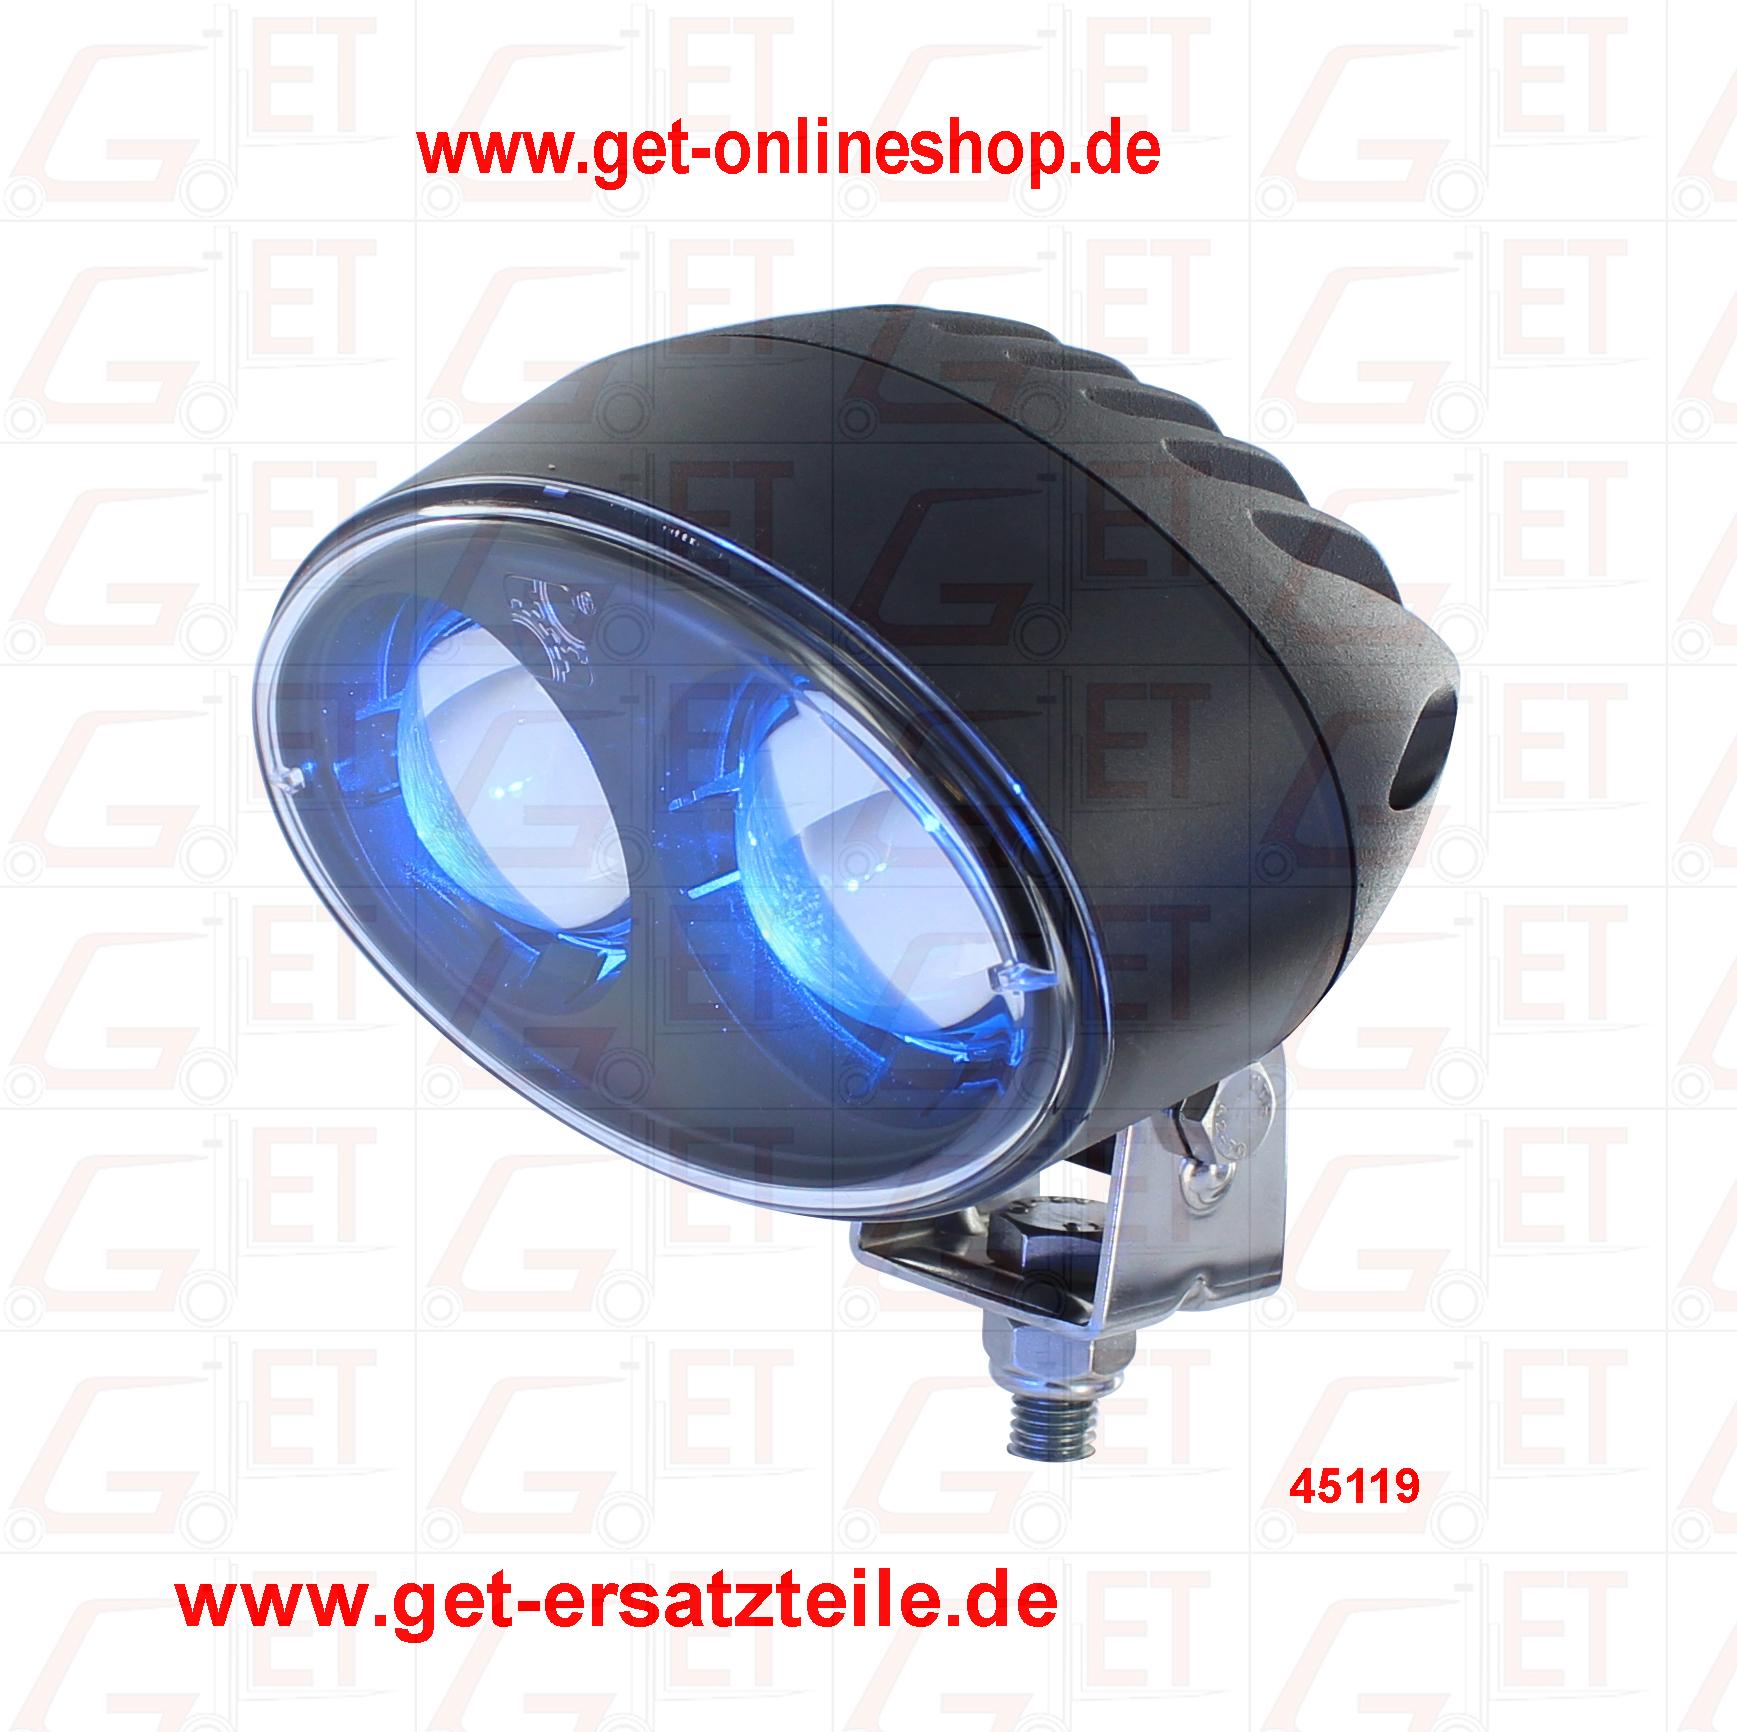 Blue Safety Light, Blue Spot für mehr Sicherheit in Ihrem Unternehmen